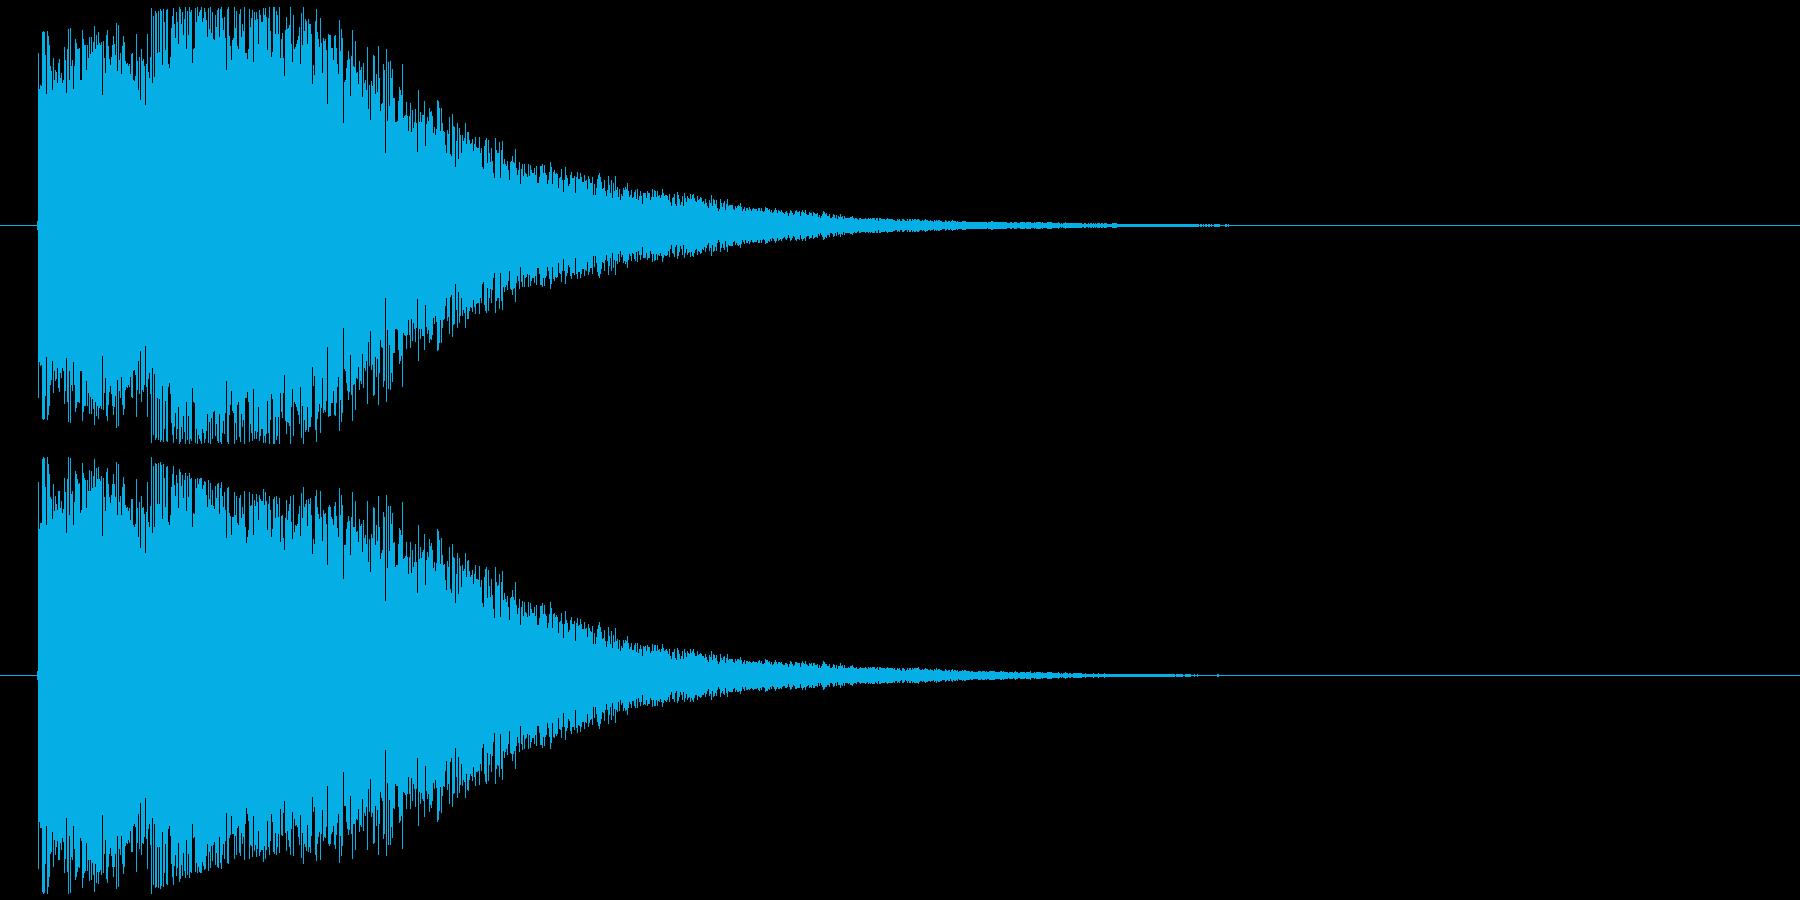 ダメージ音の再生済みの波形